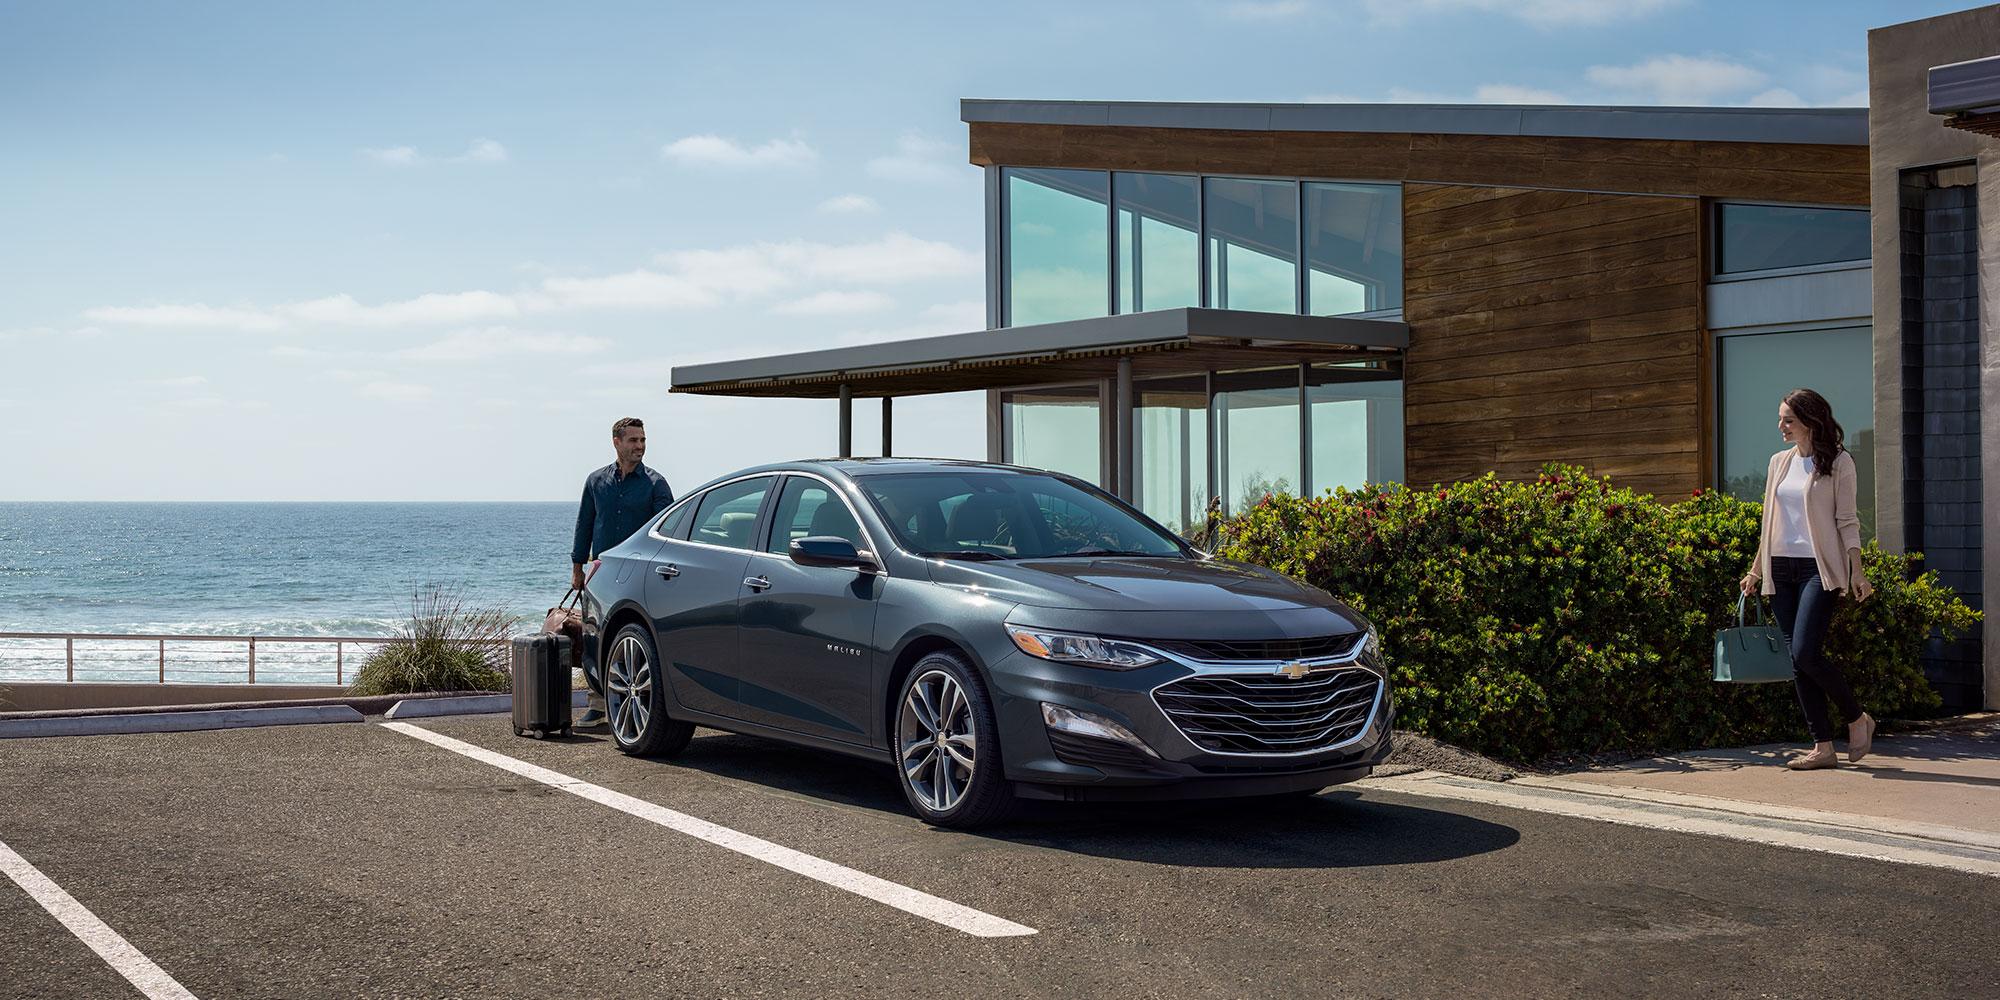 2020 Chevrolet Malibu for Sale near Naperville, IL